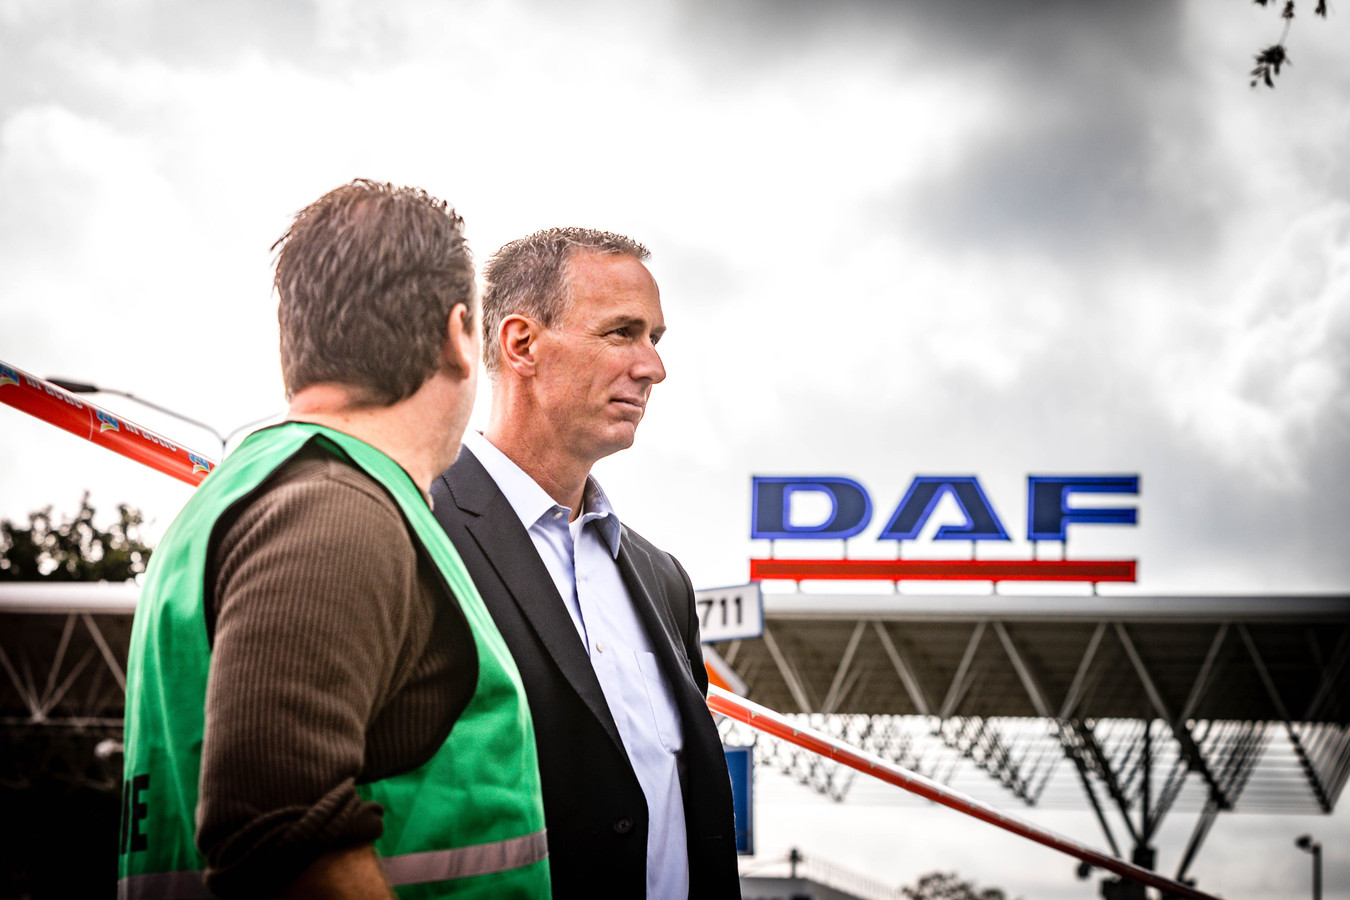 Algemeen Directeur Preston Feight van vrachtwagenfabrikant DAF tijdens een 24-uursstaking van het personeel, vorige week.